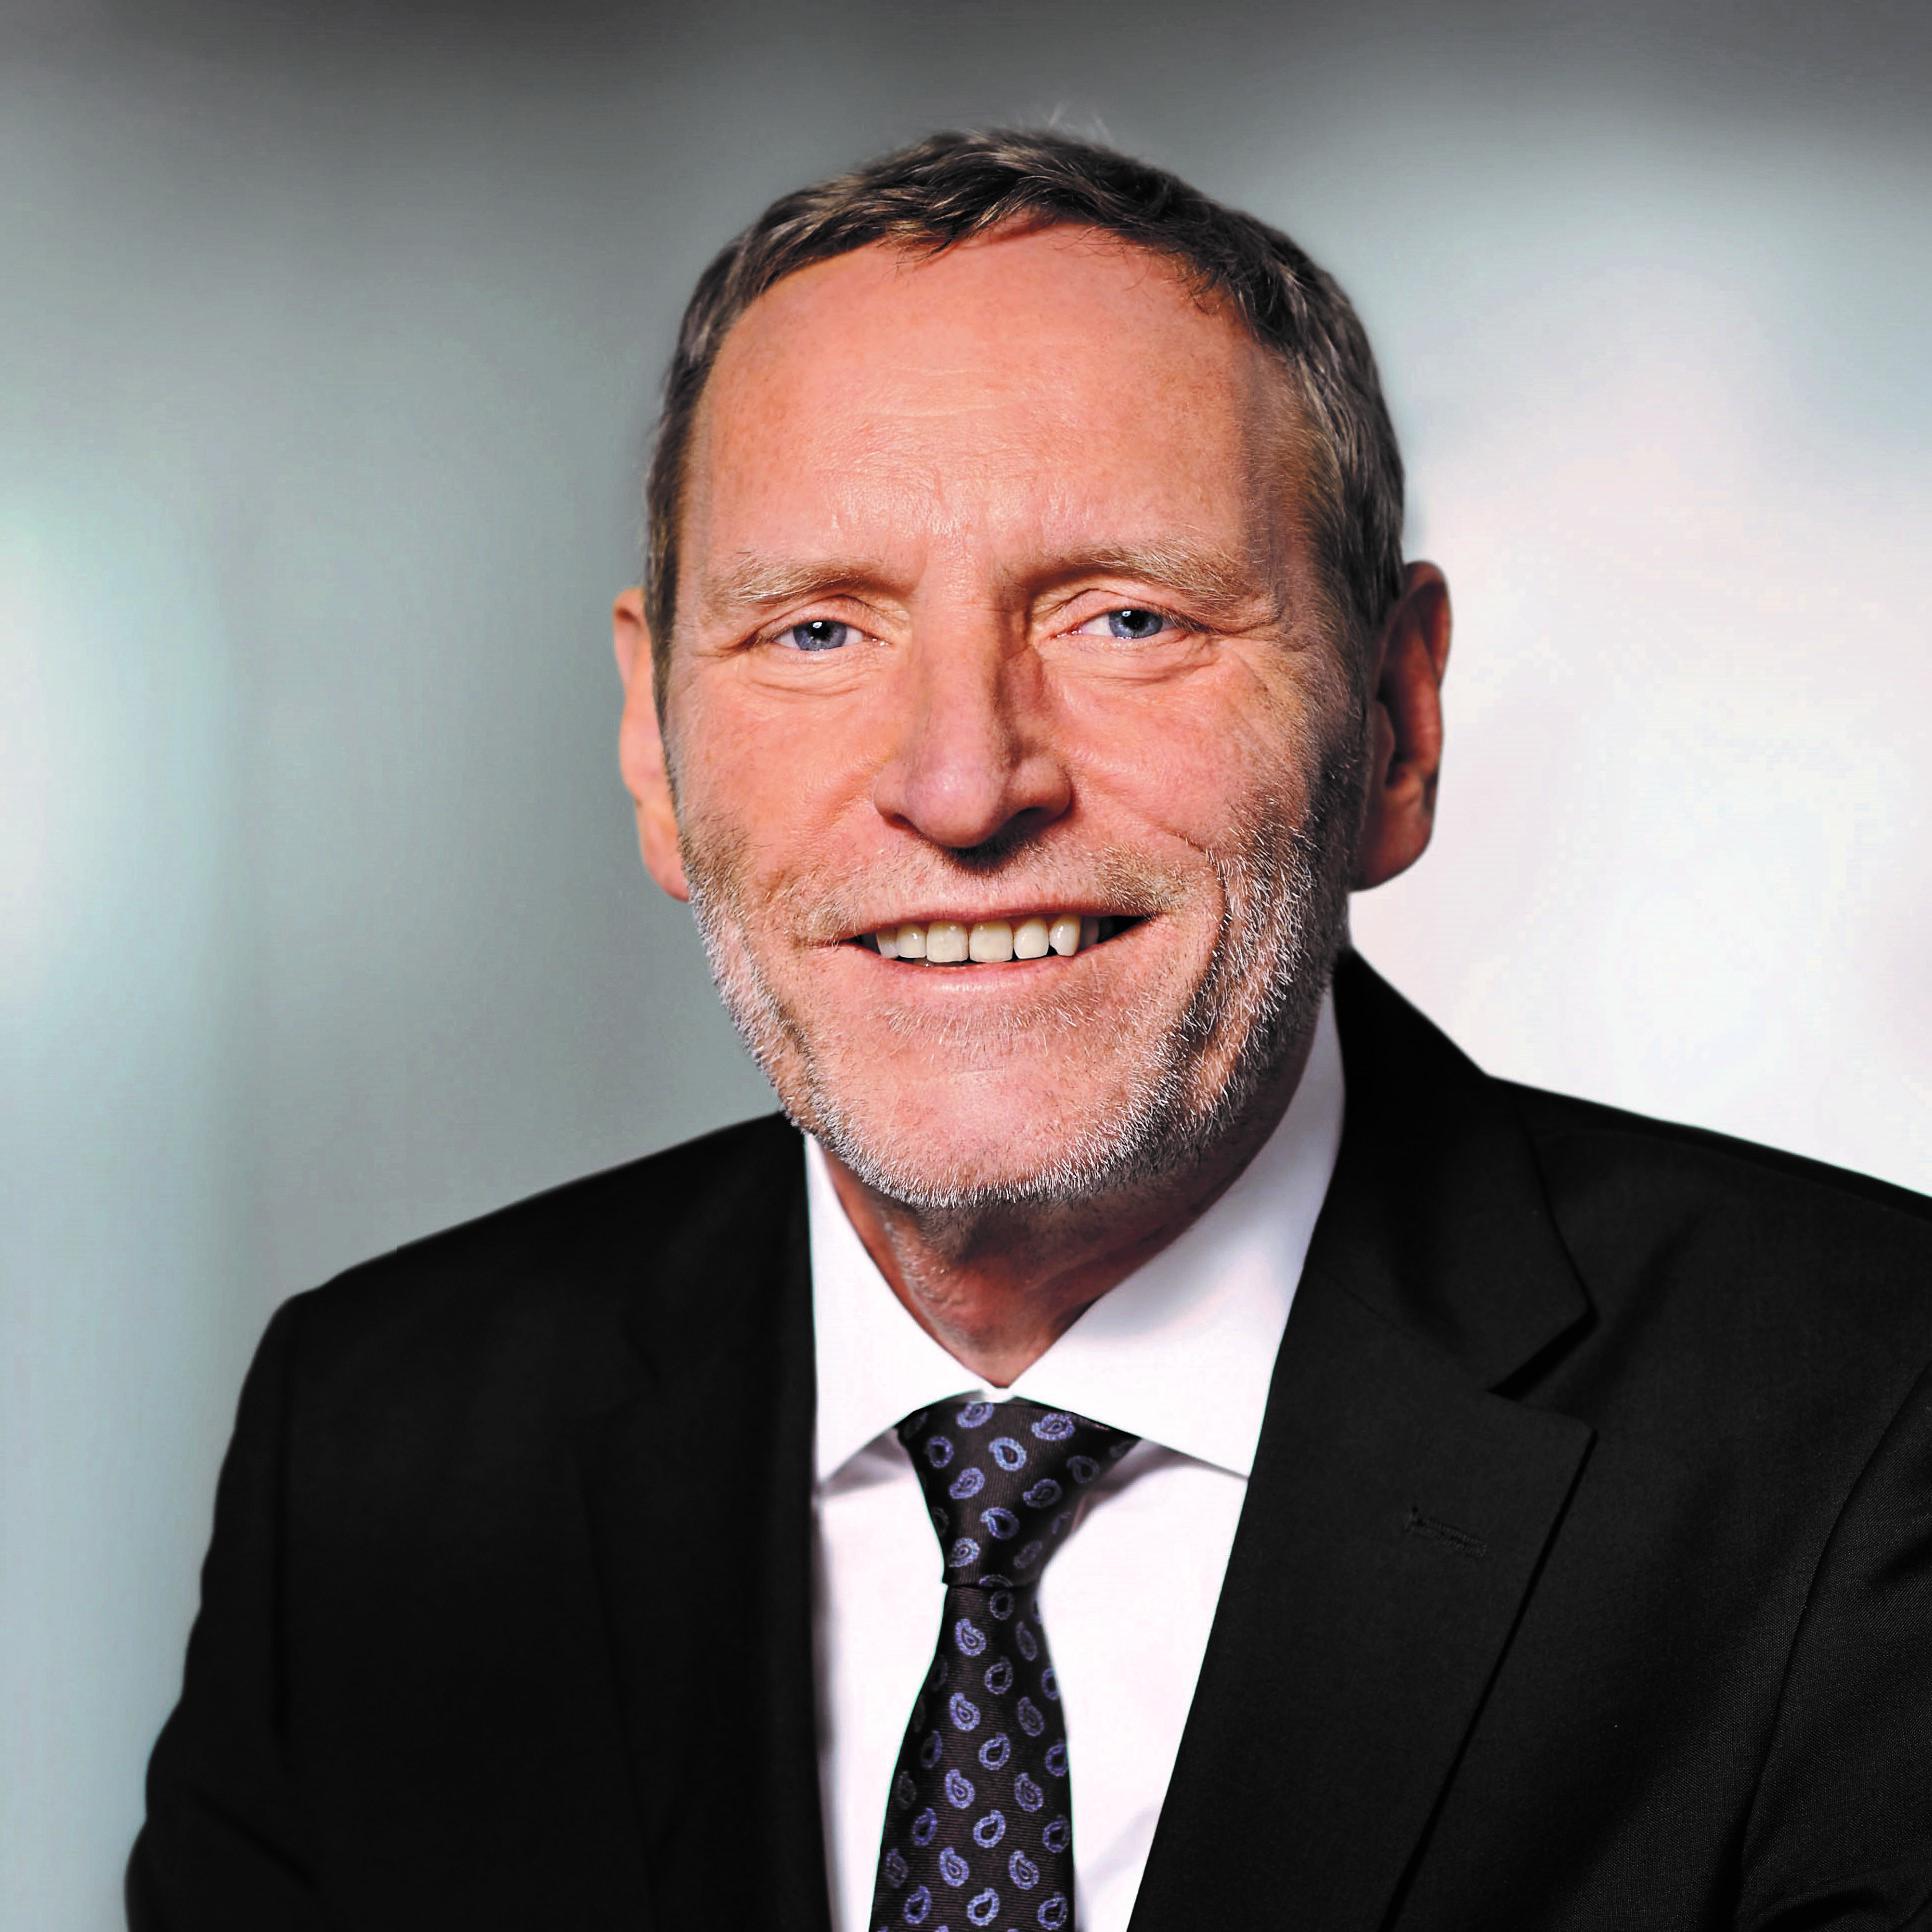 Helmut Schlewis